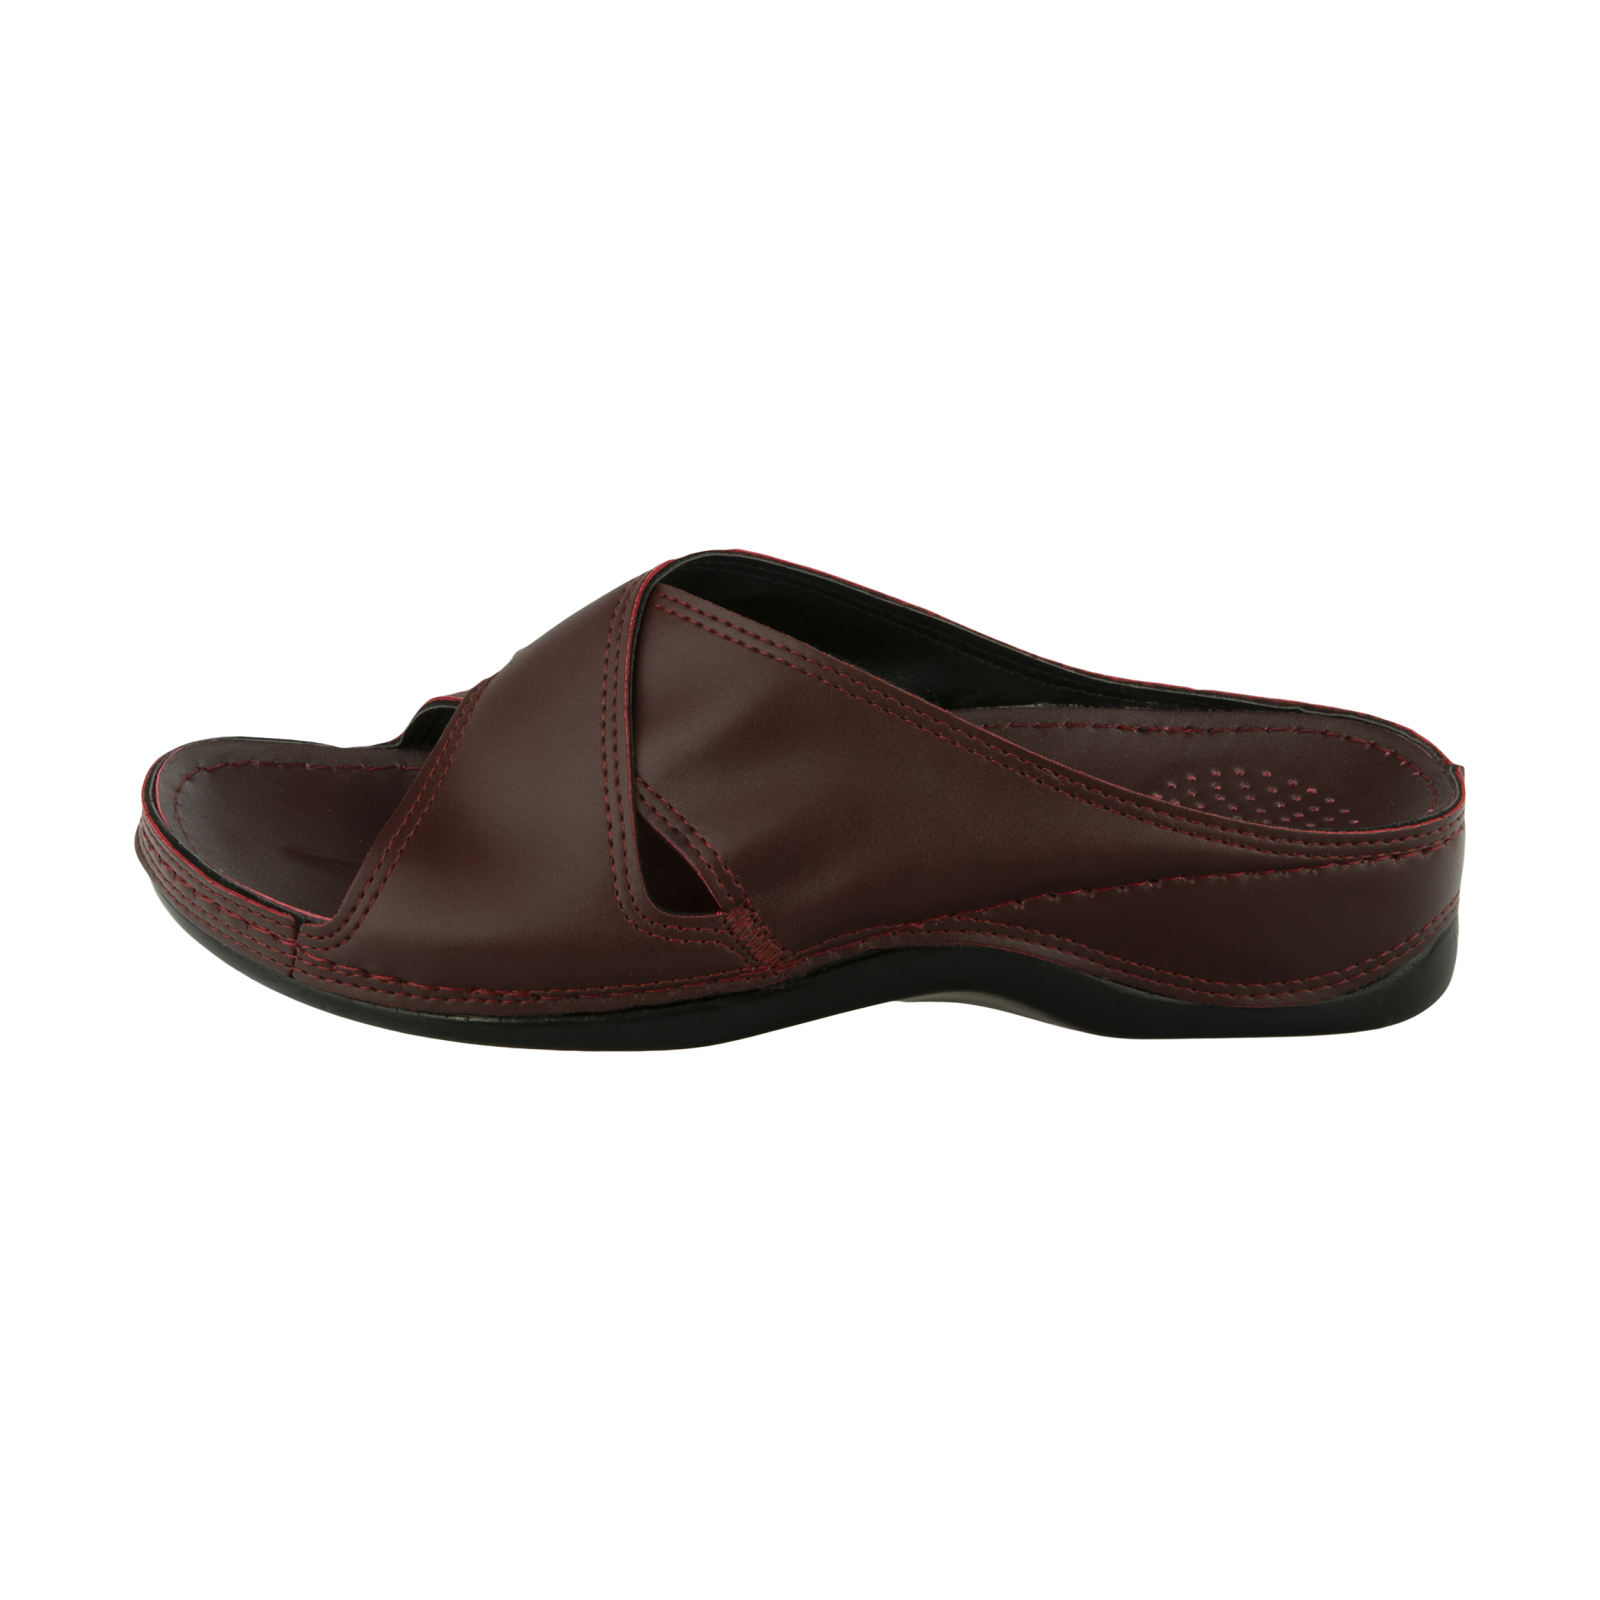 دمپایی زنانه کفش آویده کد av-0304505 رنگ زرشکی -  - 2